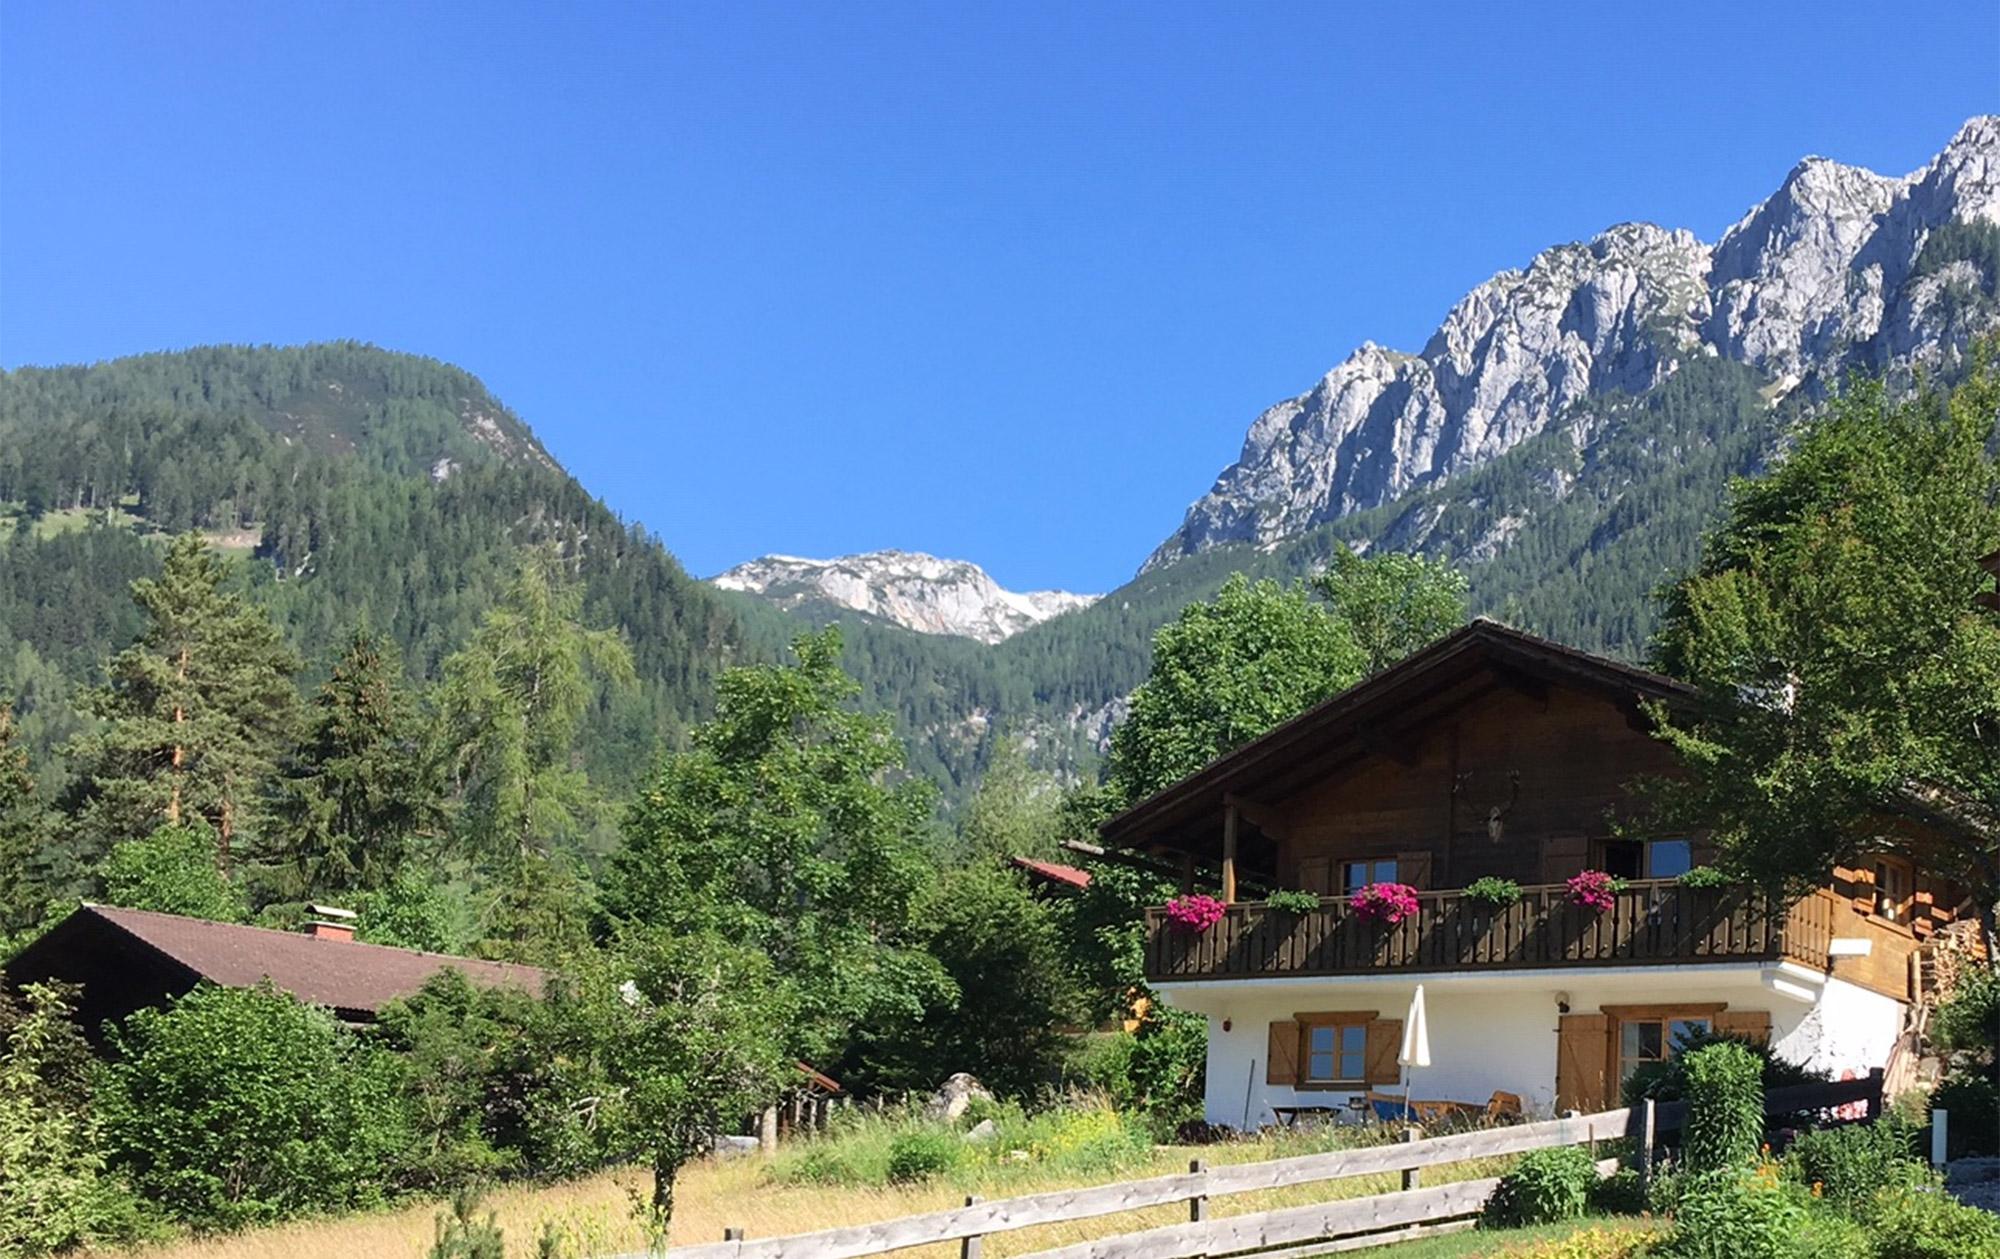 Die Unterkunft Auszeit in den Bergen befindet sich unweit des Spiegelsees